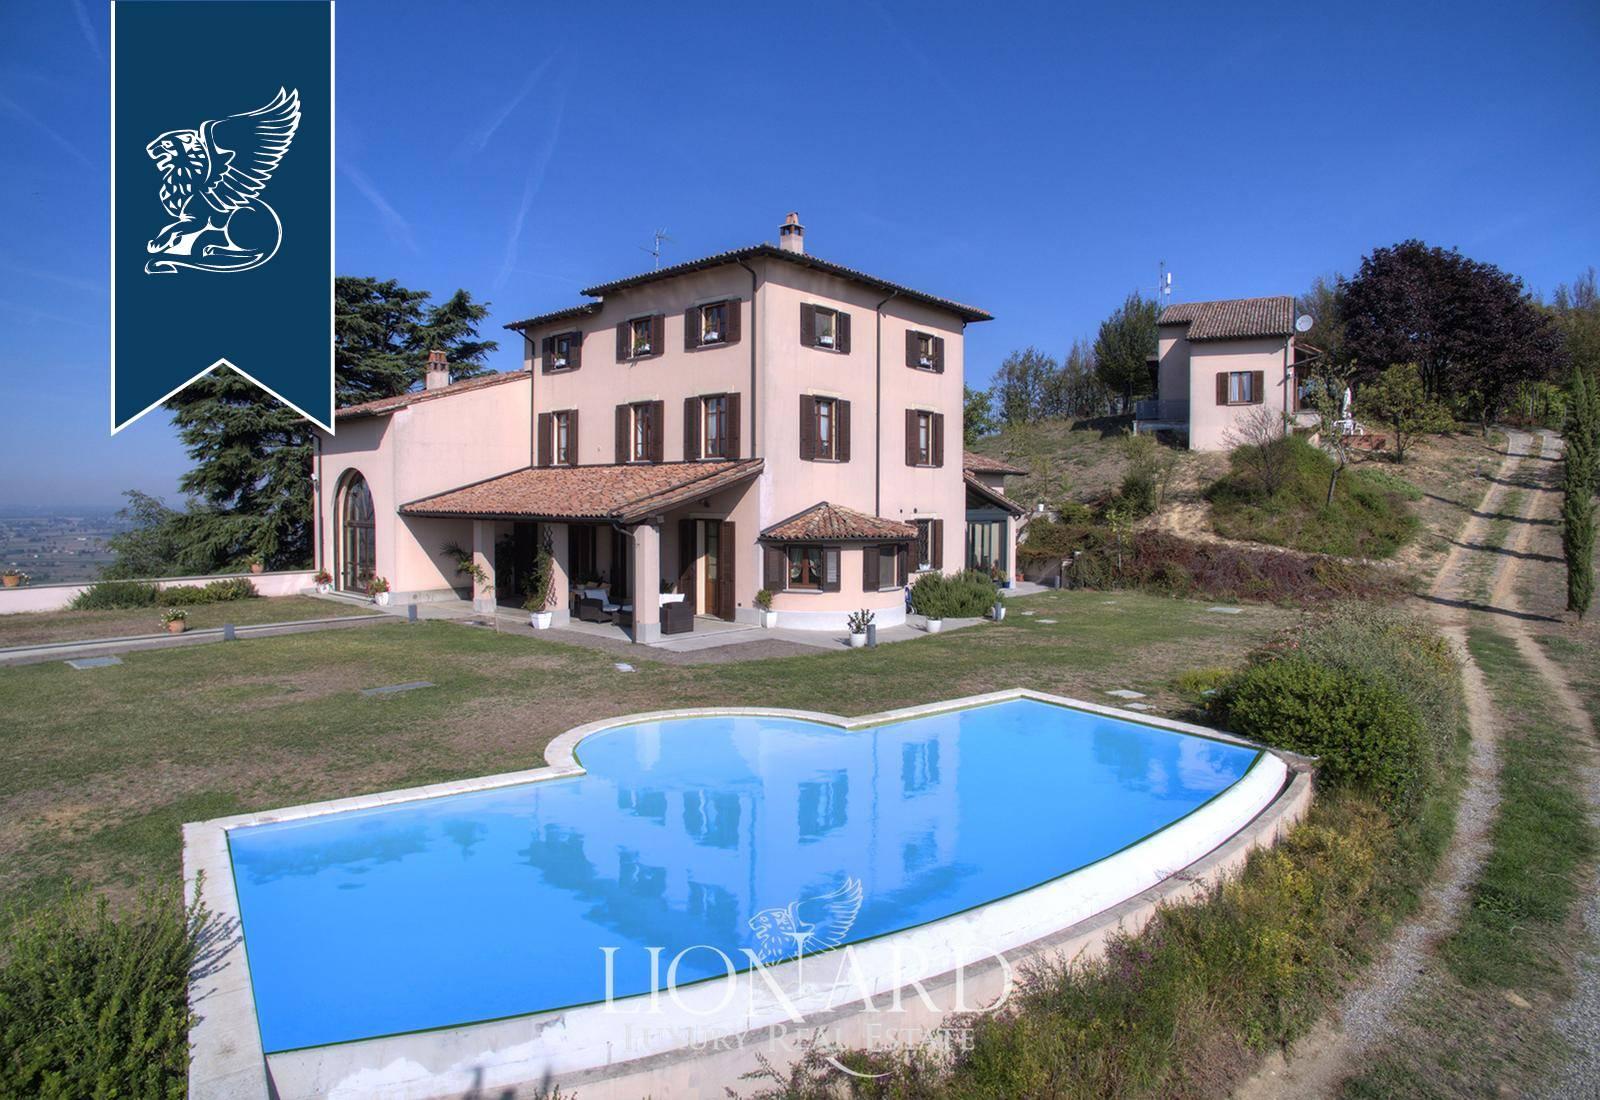 Villa in Vendita a Stradella: 0 locali, 700 mq - Foto 2